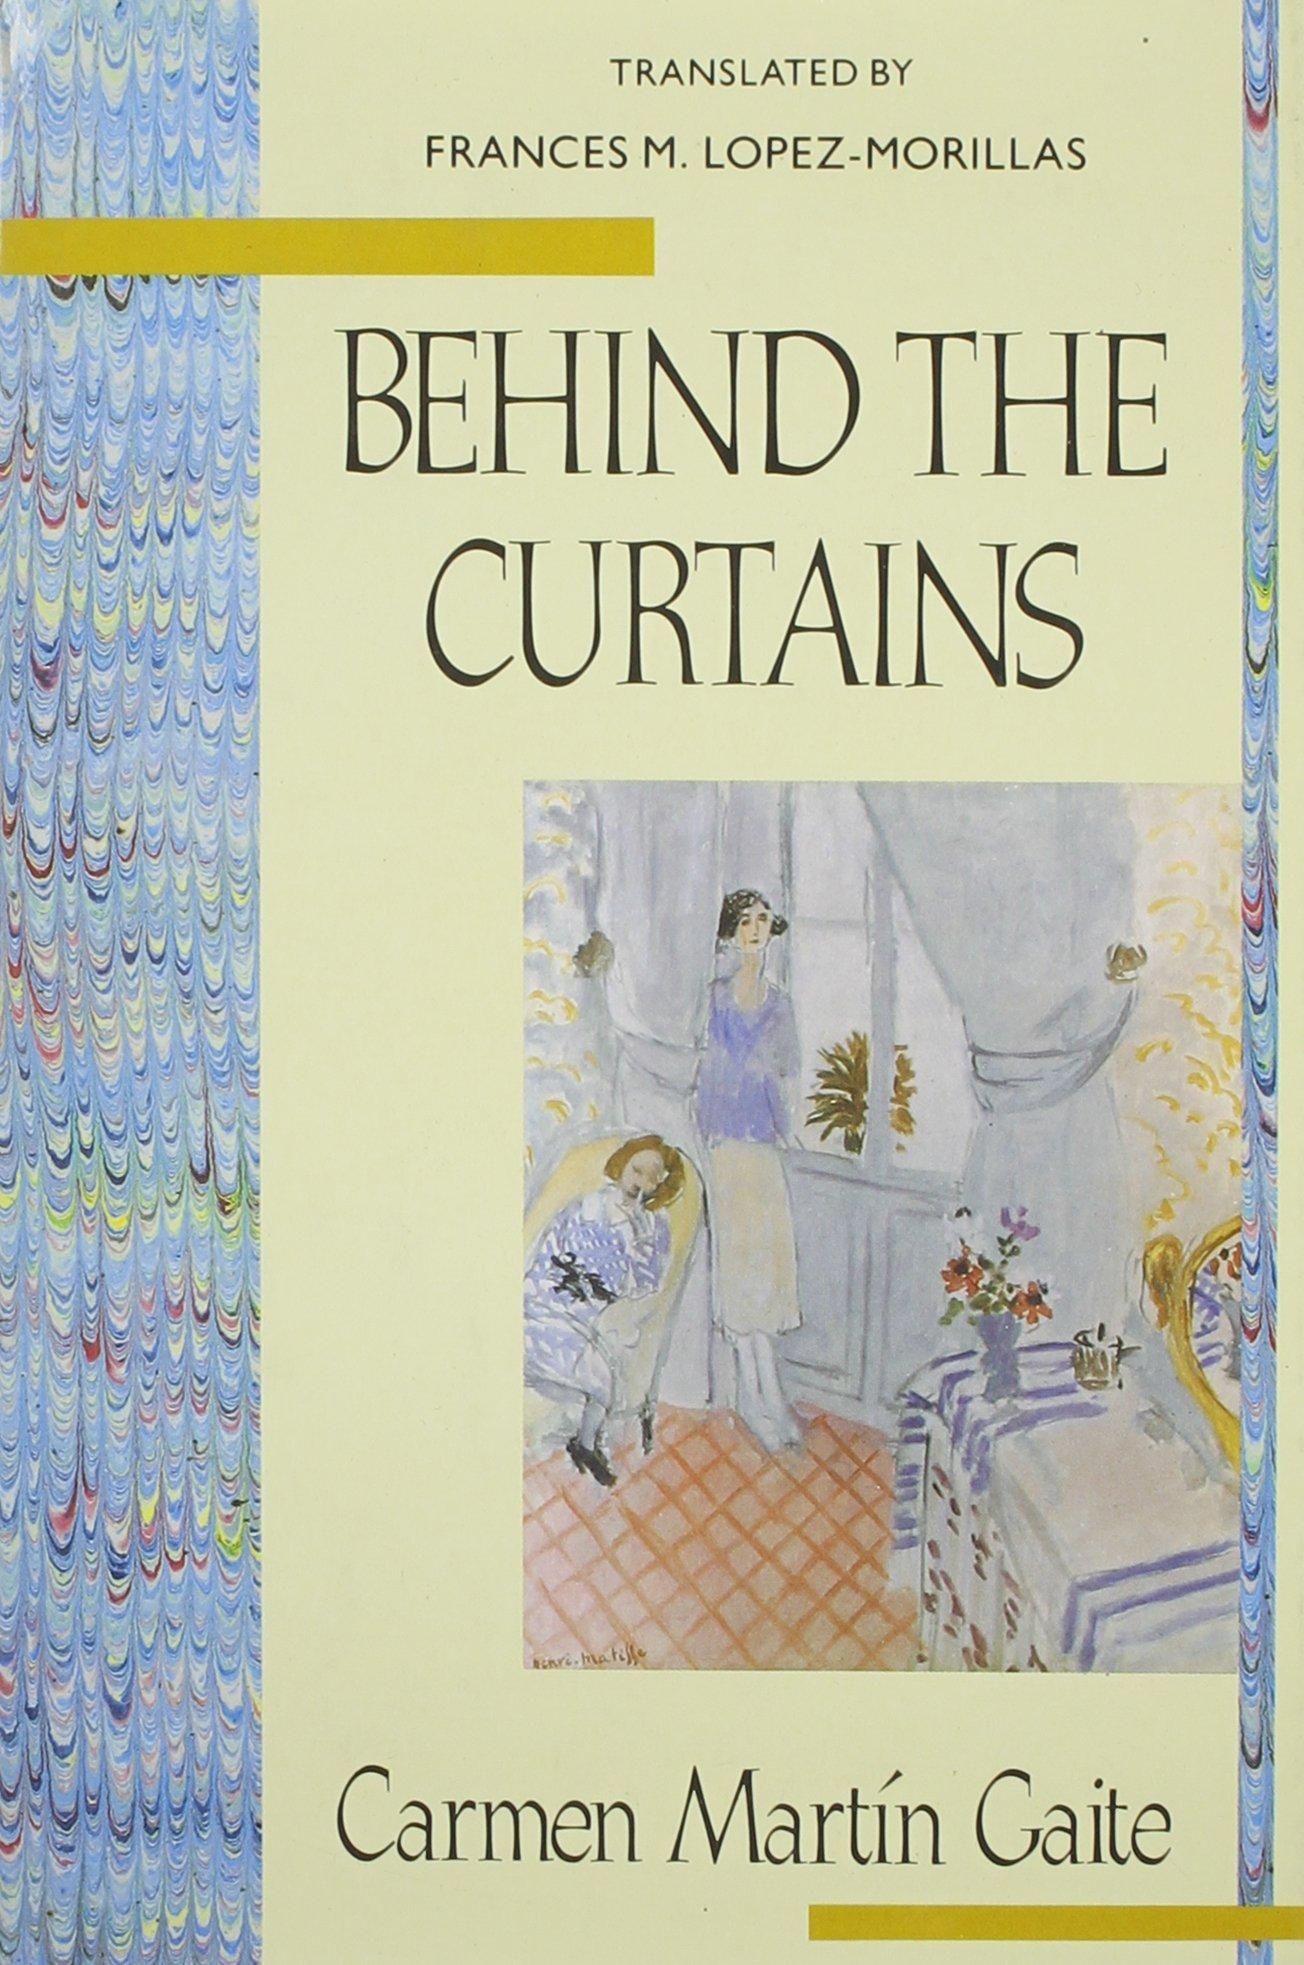 Curtain behind the curtain book - Amazon Com Behind The Curtains 9780231068888 Carmen Mart N Gaite Frances L Pez Morillas Books